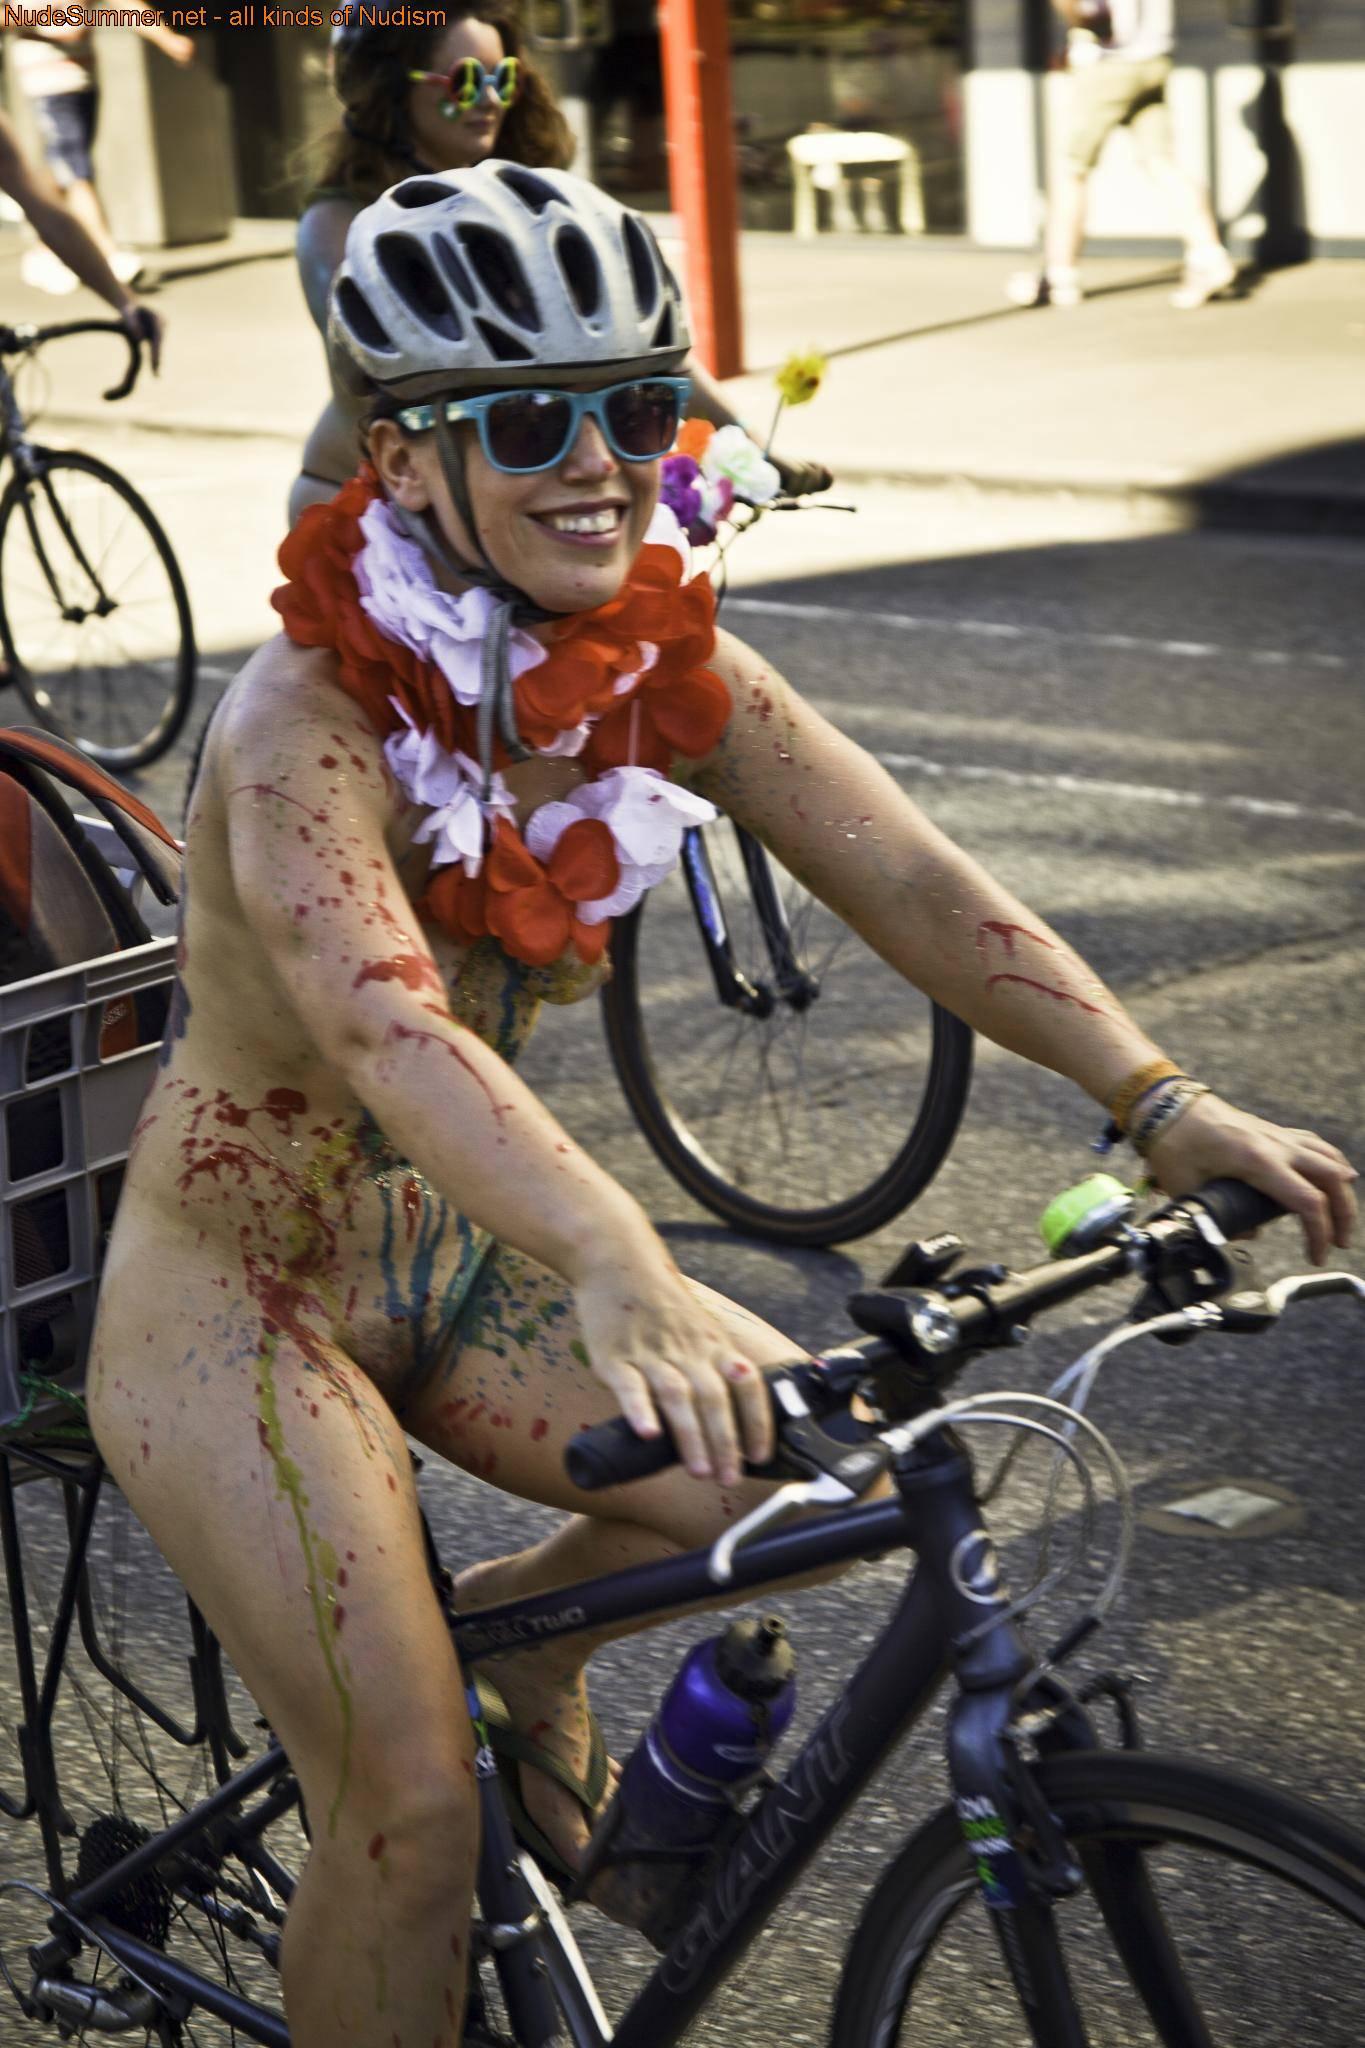 World Naked Bike Ride (WNBR) 2013 - 2